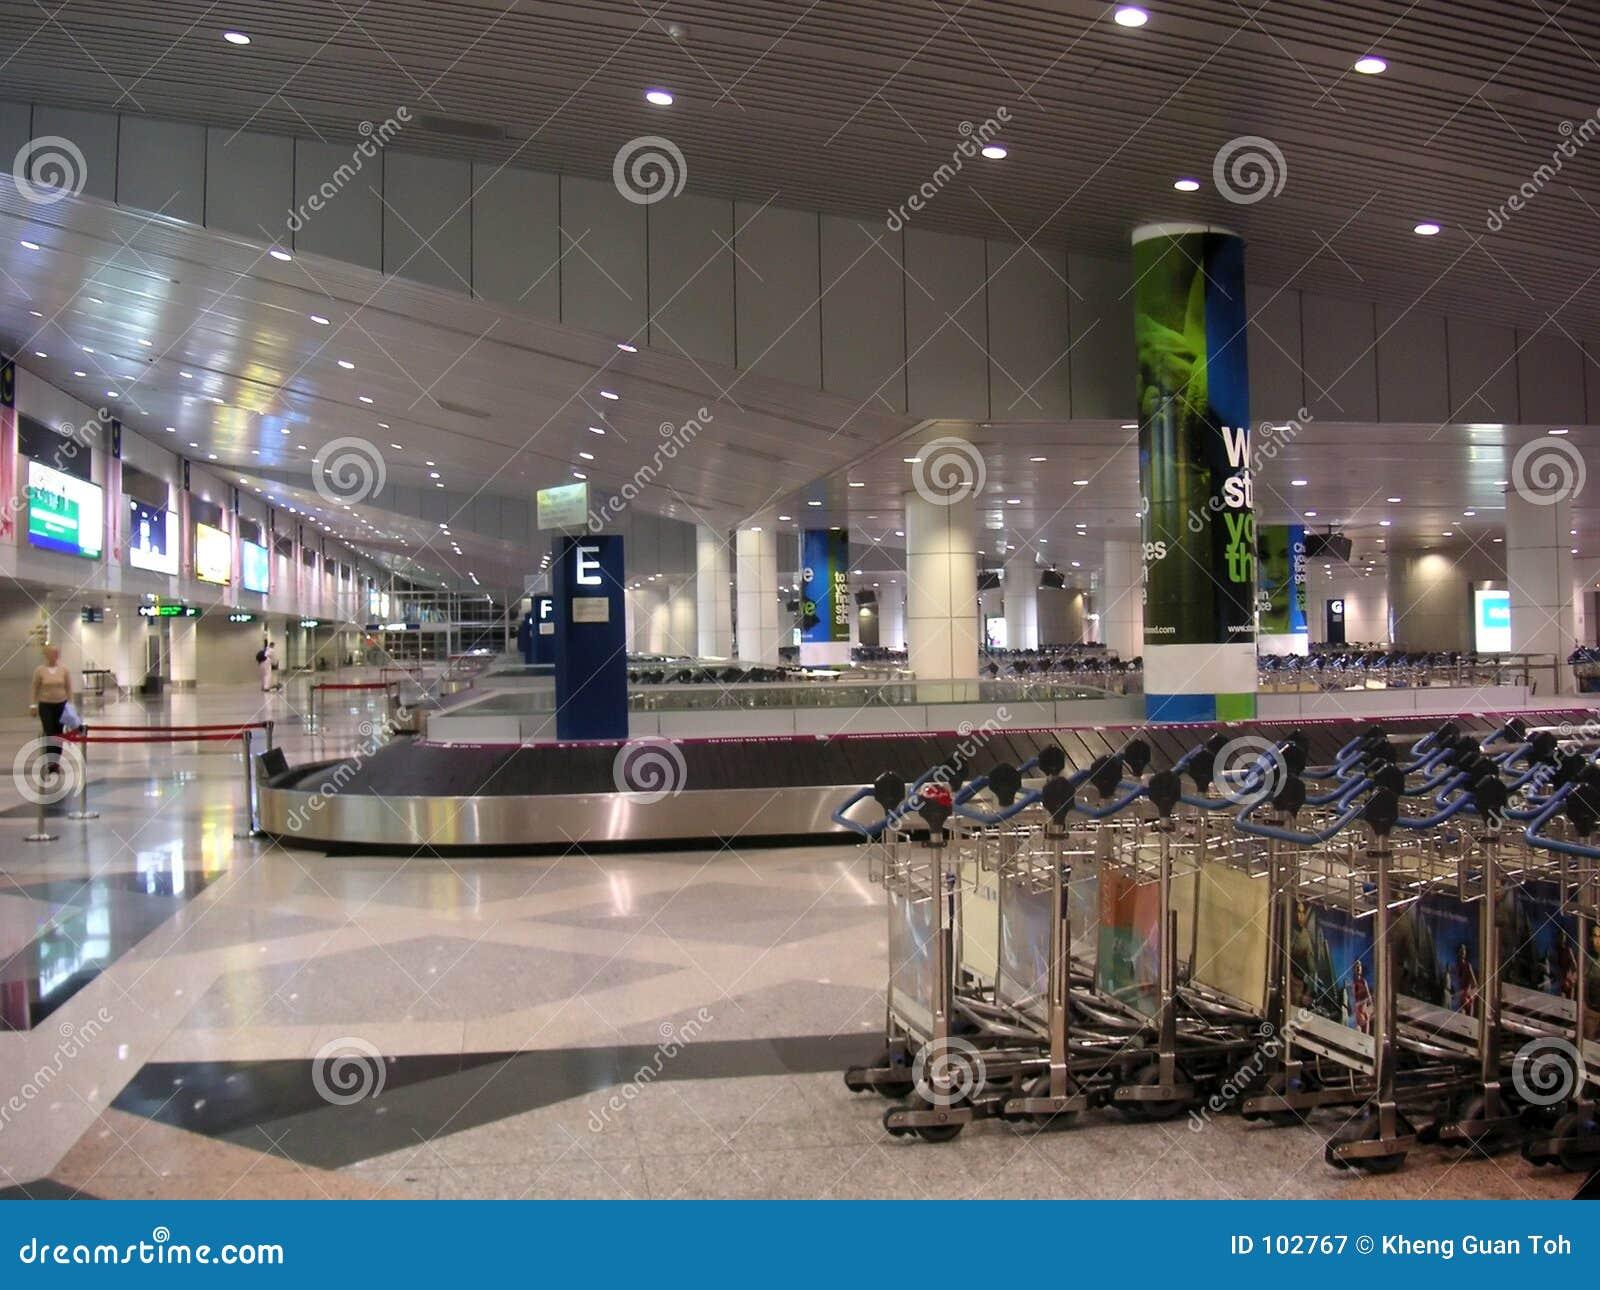 Airport baggage pickup